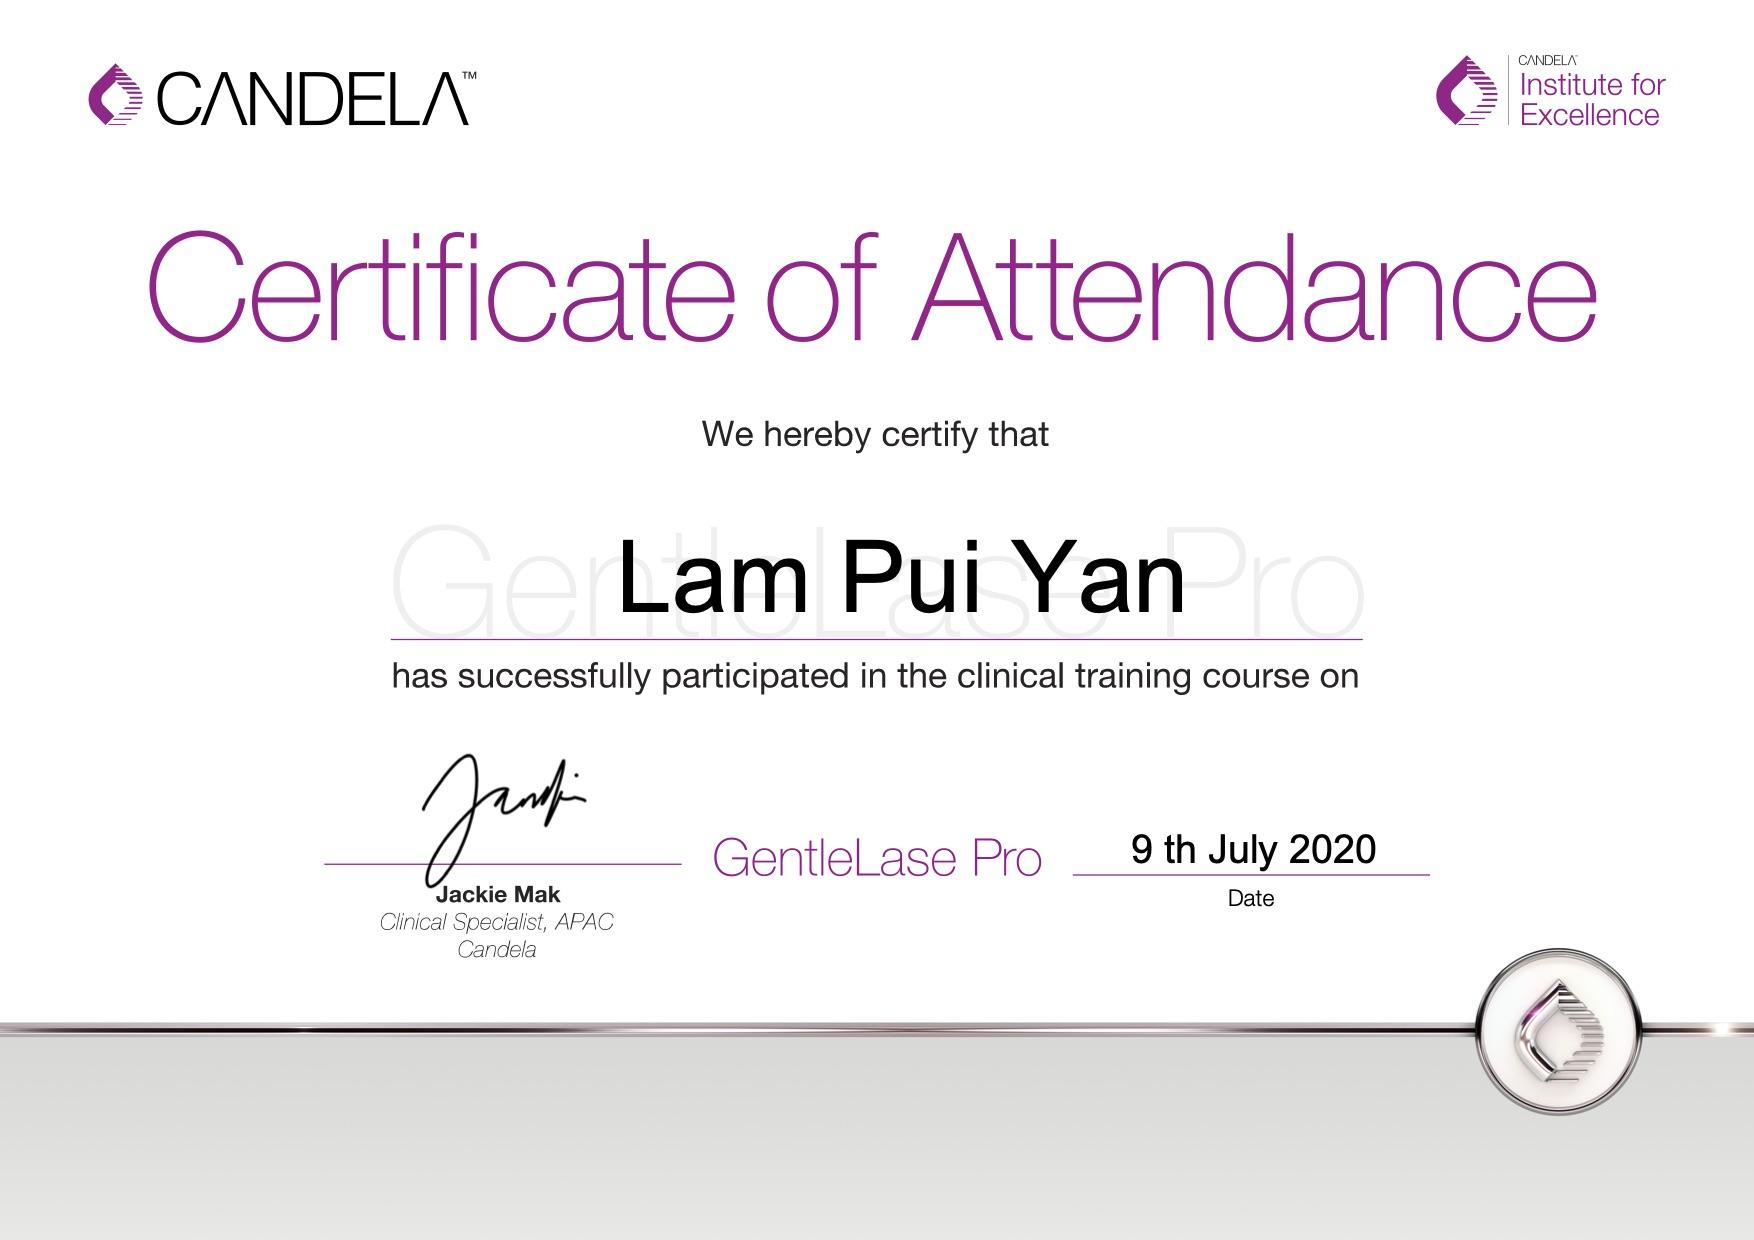 GentleLase_Pro_Certifcate_(LamPuiYan_Yanis)